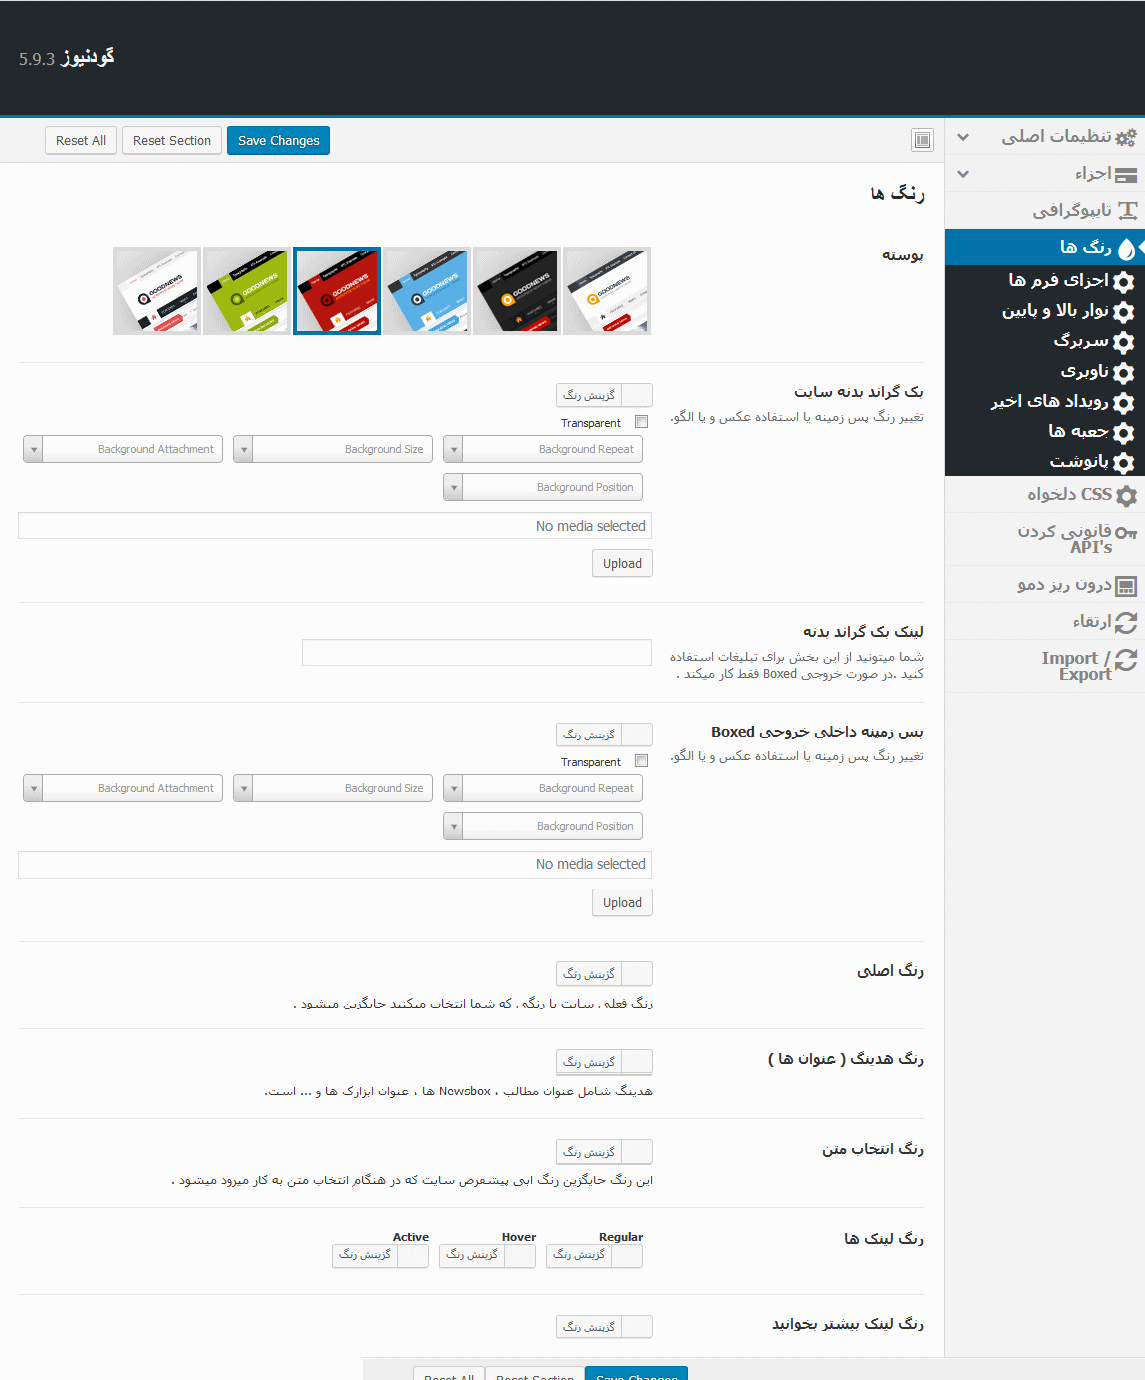 تصویر تنظیمات پنل مدیریت قالب گودنیوز در پیشخوان